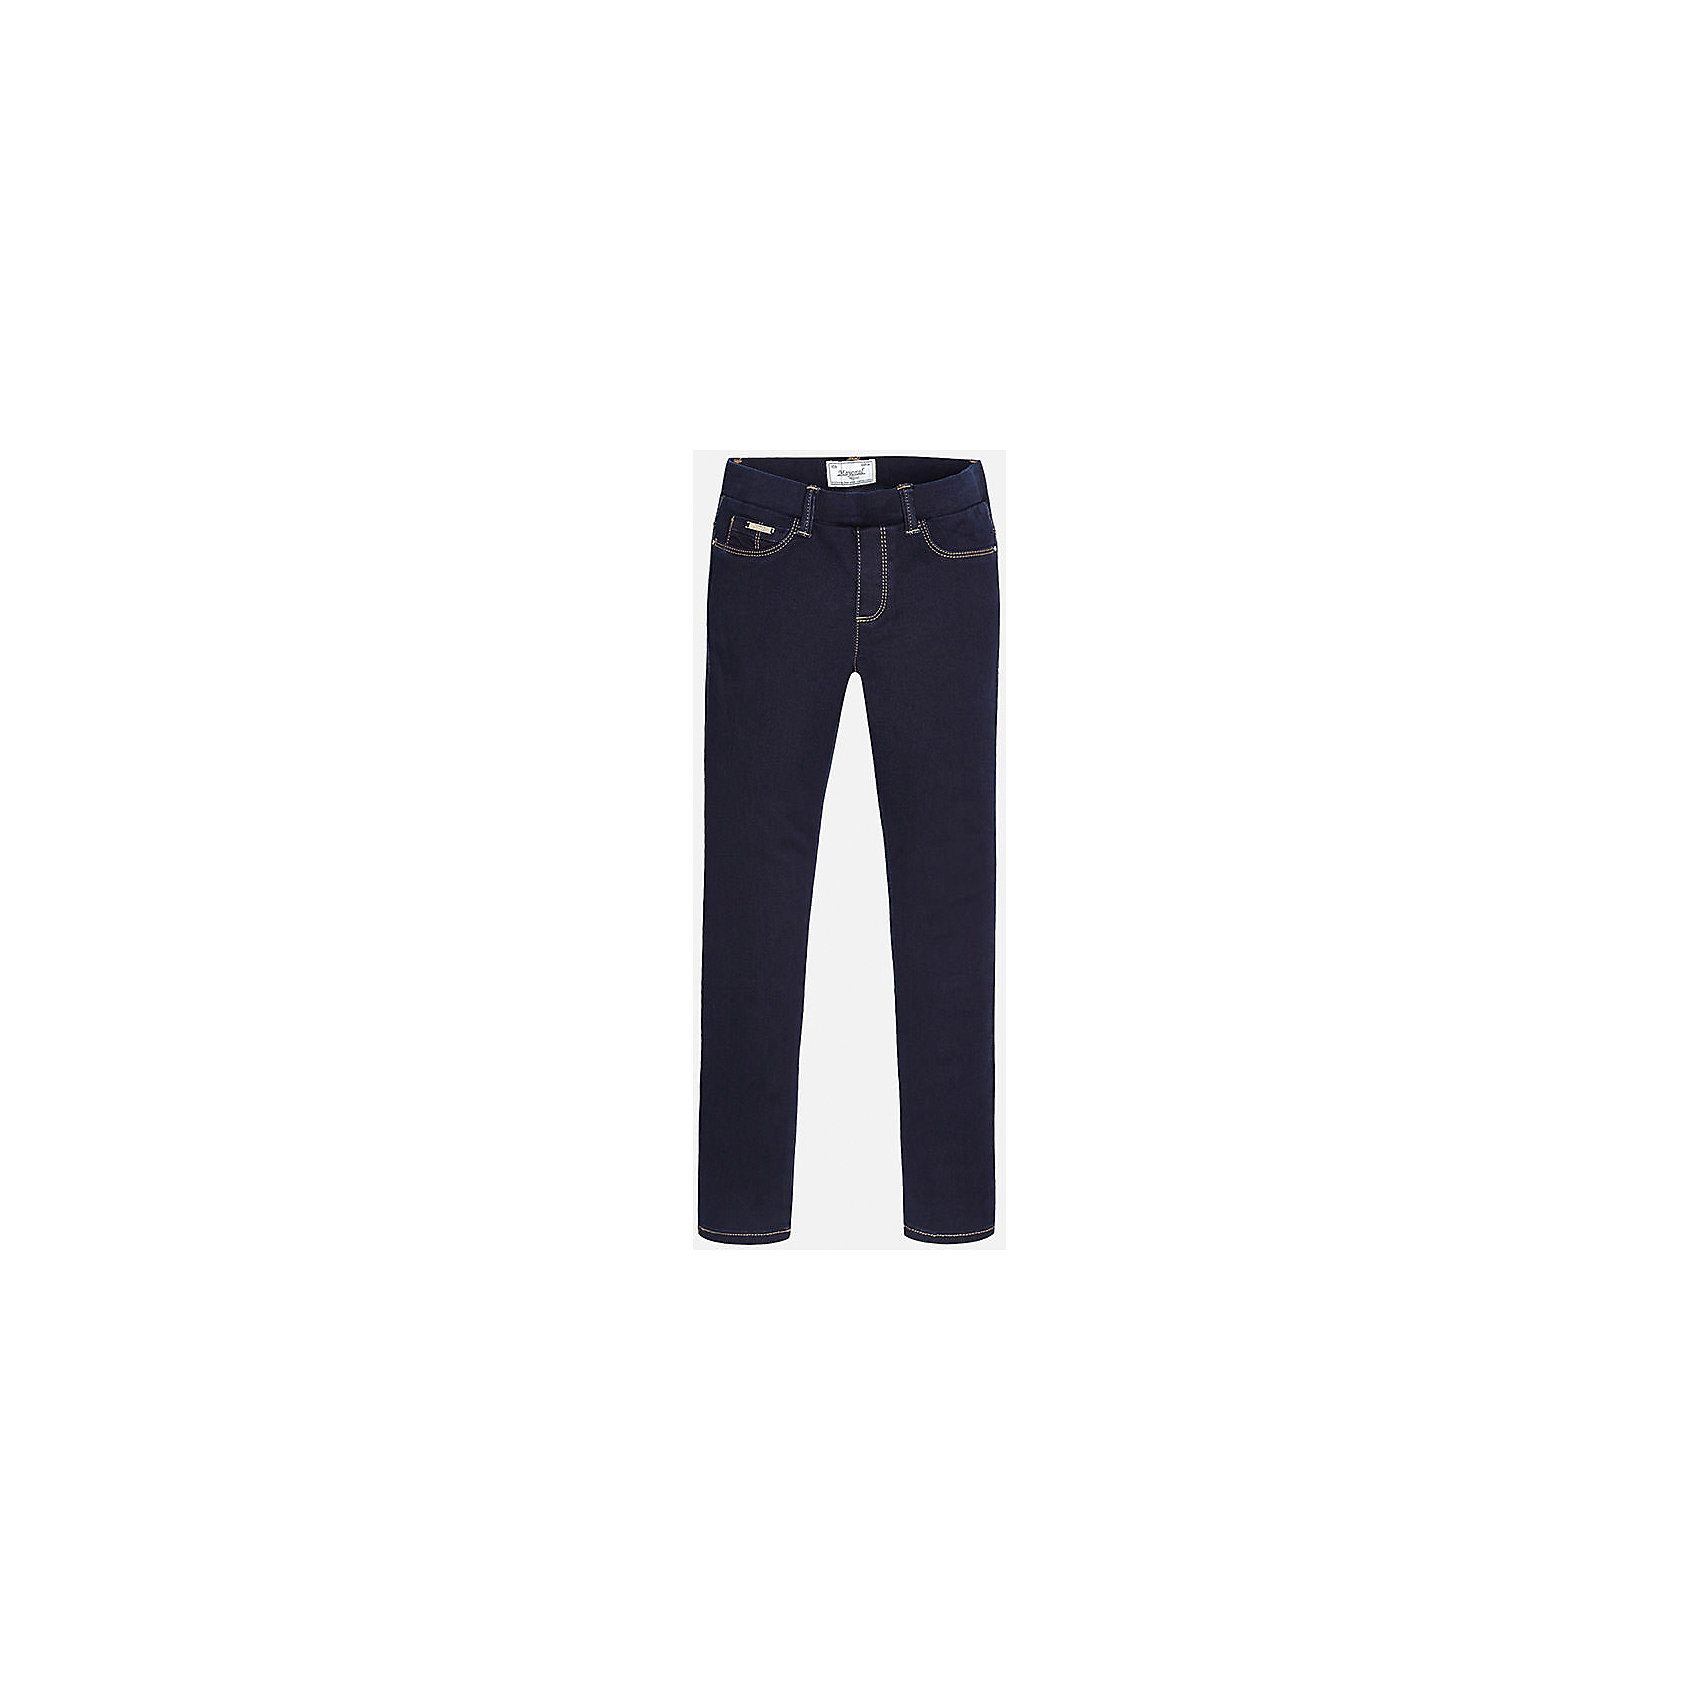 Леггинсы для девочки  MayoralМодные джинсовые леггинсы от популярного испанского бренда Mayoral (Майорал) для девочки. Изделие выполнено из высококачественного эластичного денима, приятного к телу, и обладает следующими особенностями:<br>- темно-синий цвет, потертости;<br>- регулируемый объем талии;<br>- эластичный пояс со шлевками для ремня;<br>- 3 кармана (1 впереди и 2 сзади) и 2 передних кармана-обманки;<br>- комфортный крой.<br><br>Состав: 68% хлопок, 30% полиэстер, 2% эластан<br><br>Леггинсы Mayoral (Майорал) можно купить в нашем магазине.<br><br>Ширина мм: 123<br>Глубина мм: 10<br>Высота мм: 149<br>Вес г: 209<br>Цвет: синий<br>Возраст от месяцев: 132<br>Возраст до месяцев: 144<br>Пол: Женский<br>Возраст: Детский<br>Размер: 158,158/164,146/152,128/134,134/140,164/170<br>SKU: 3758118